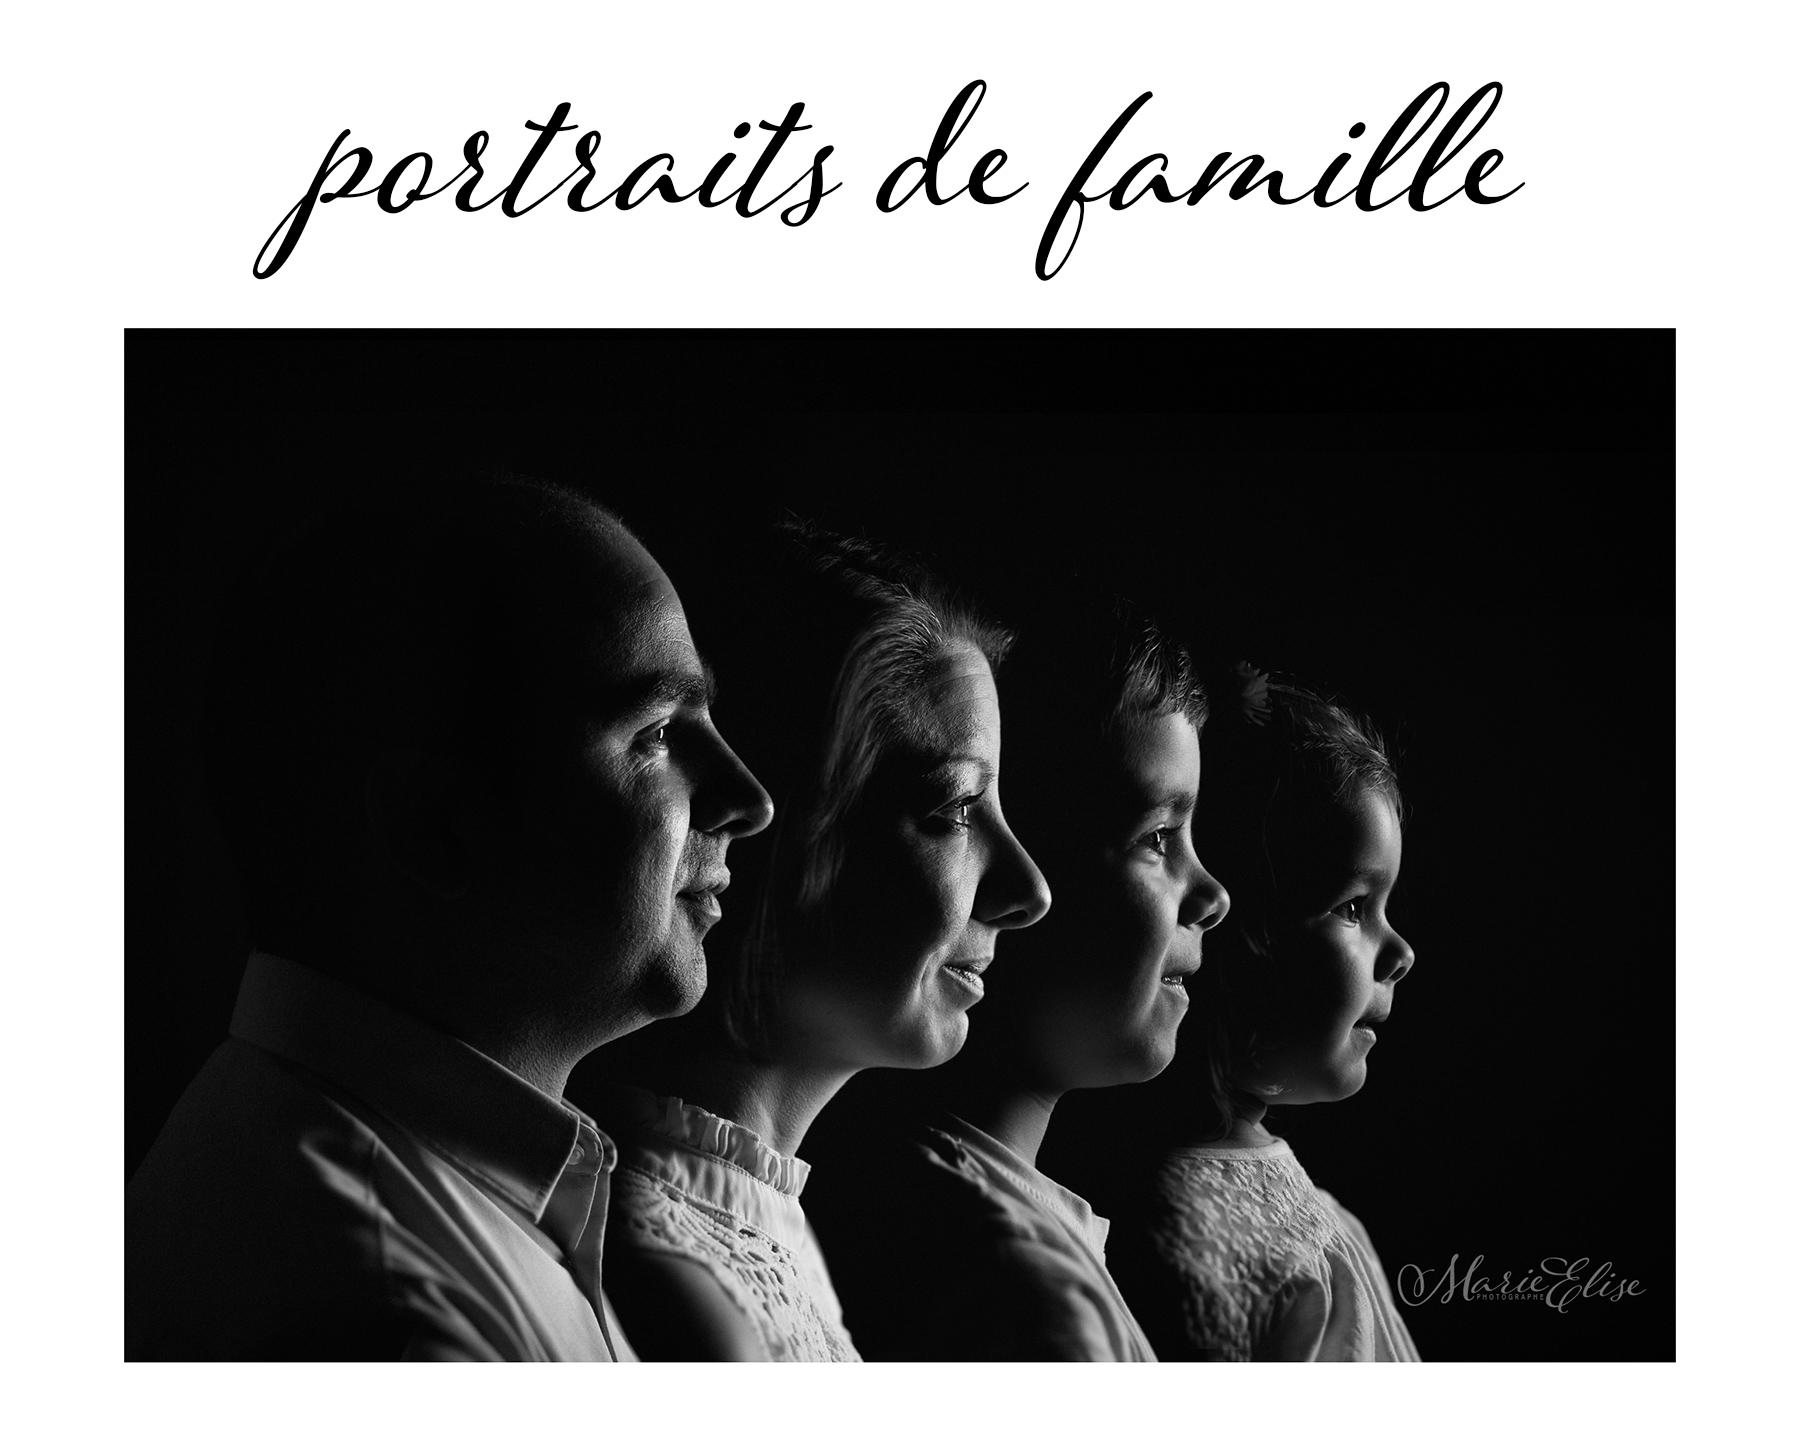 Séance photo portrait de famille